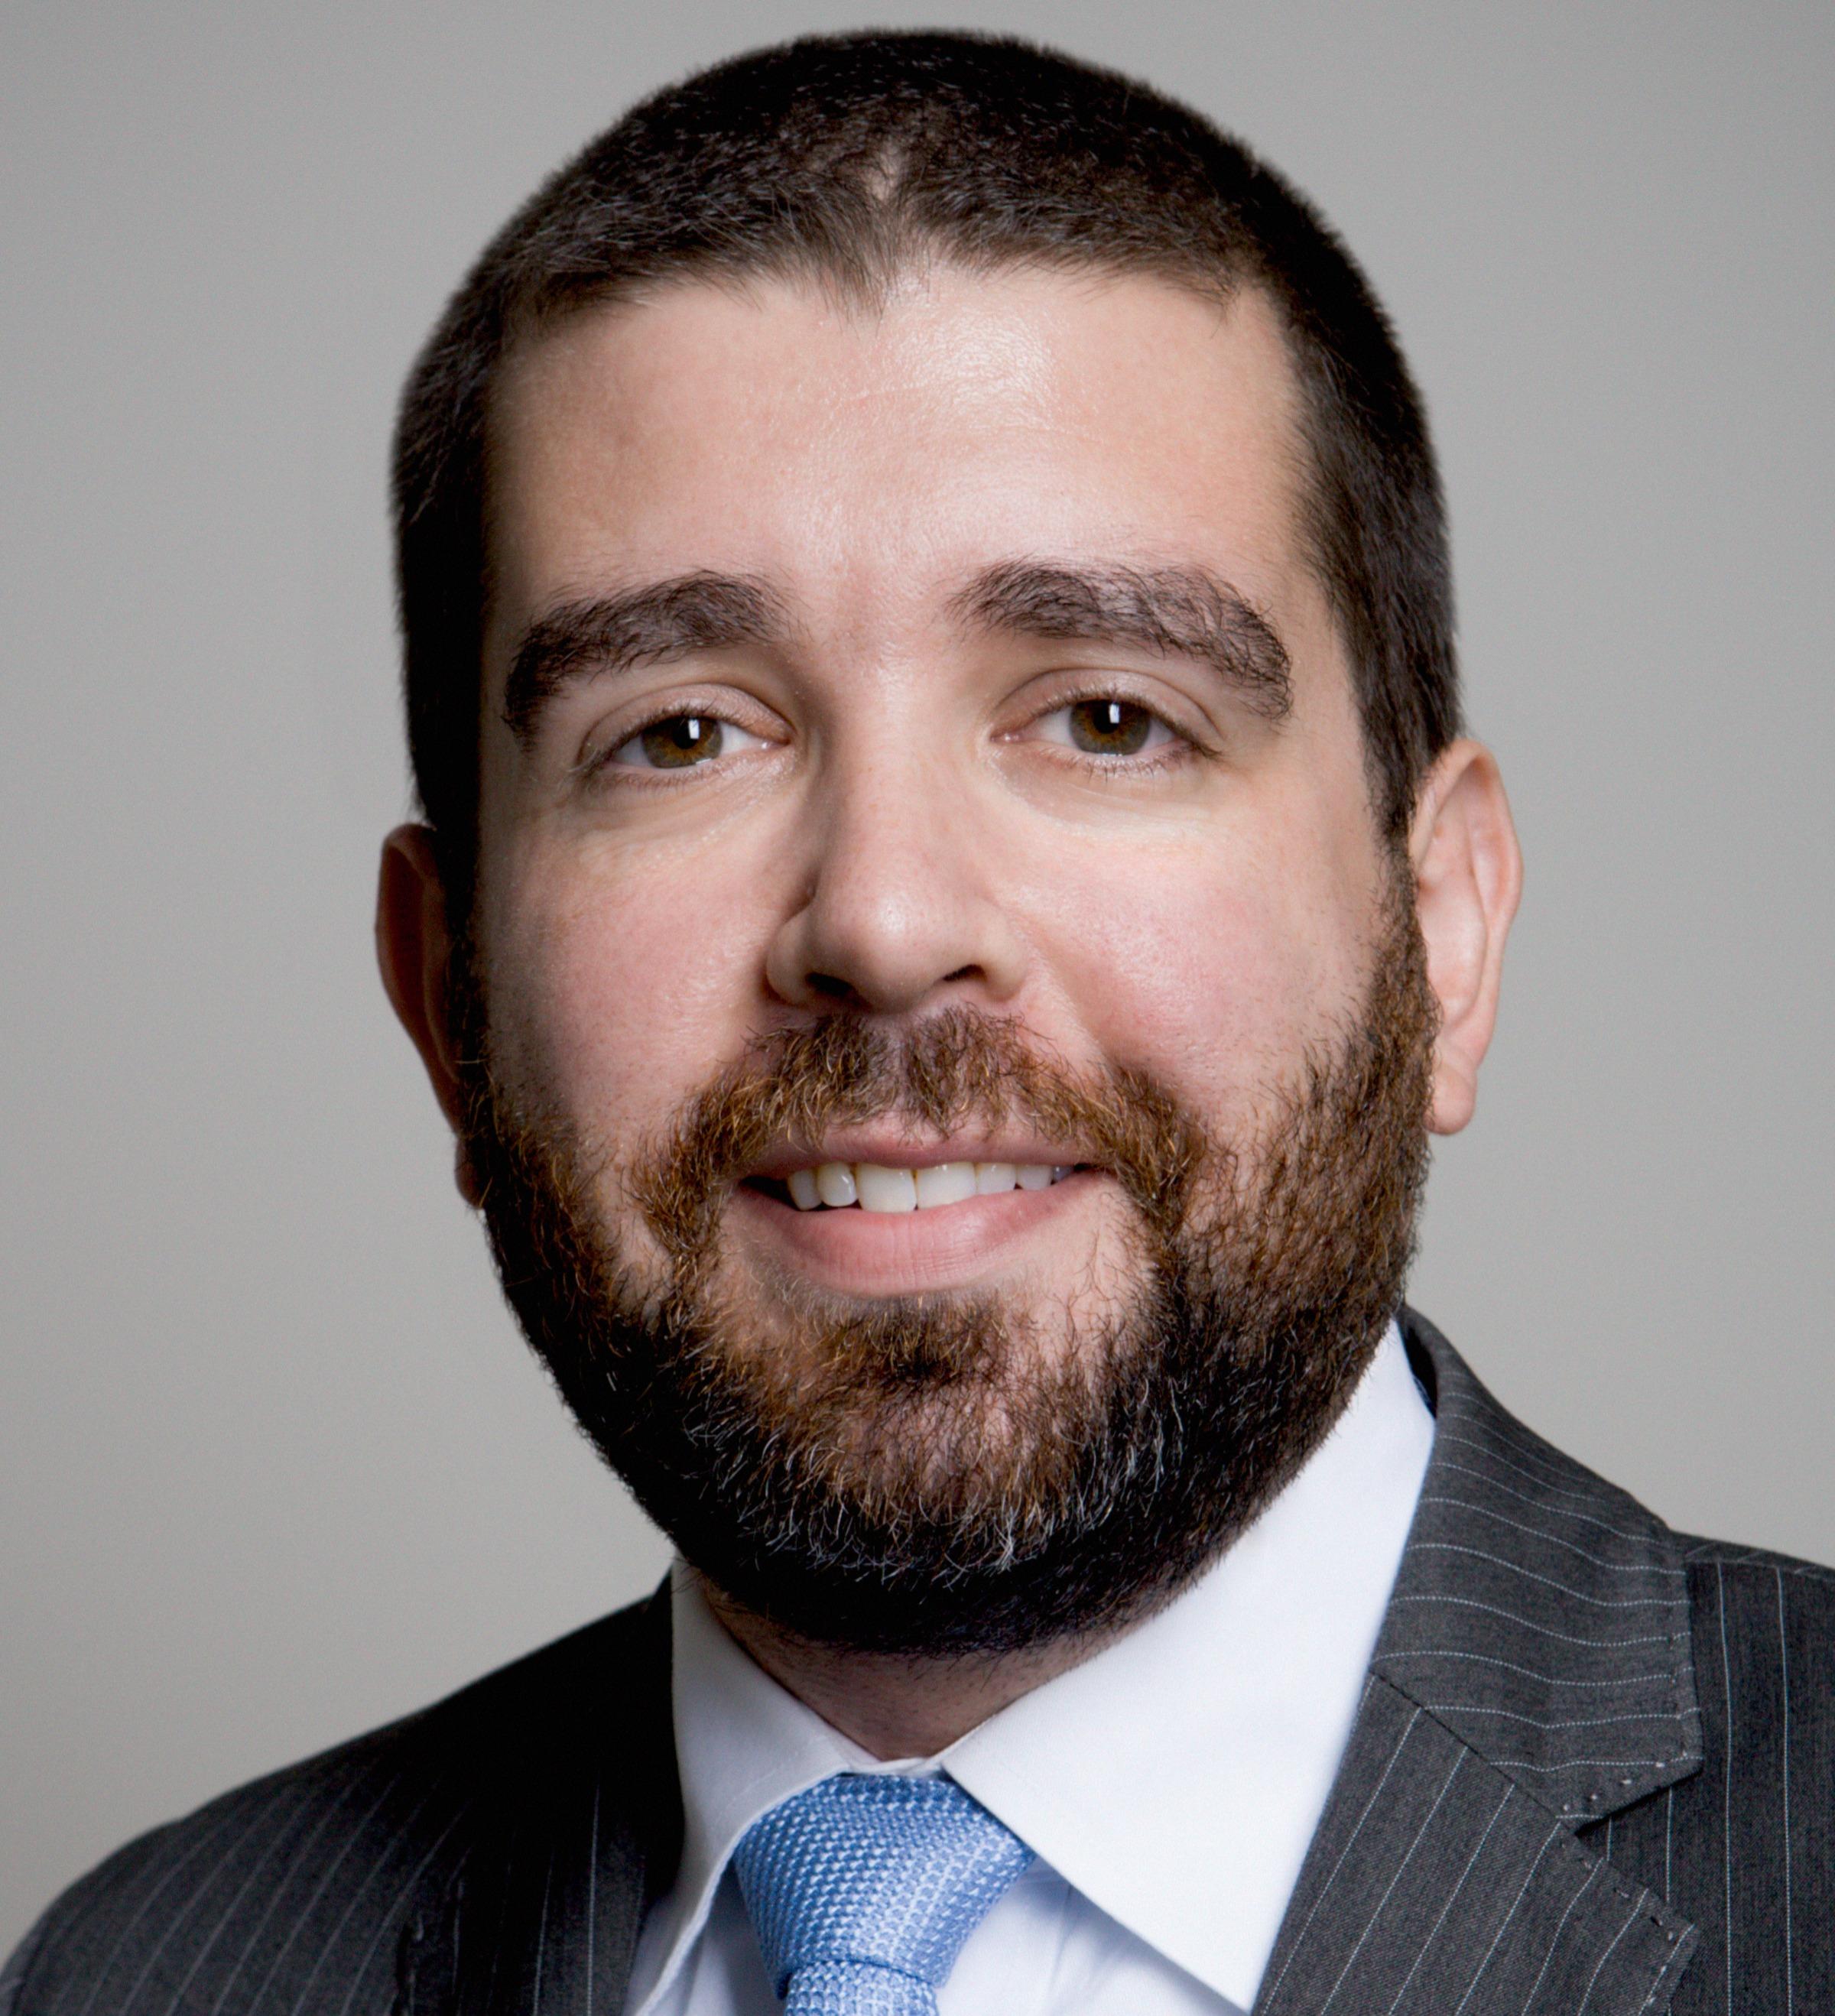 Daniel Stromberg's Profile Image